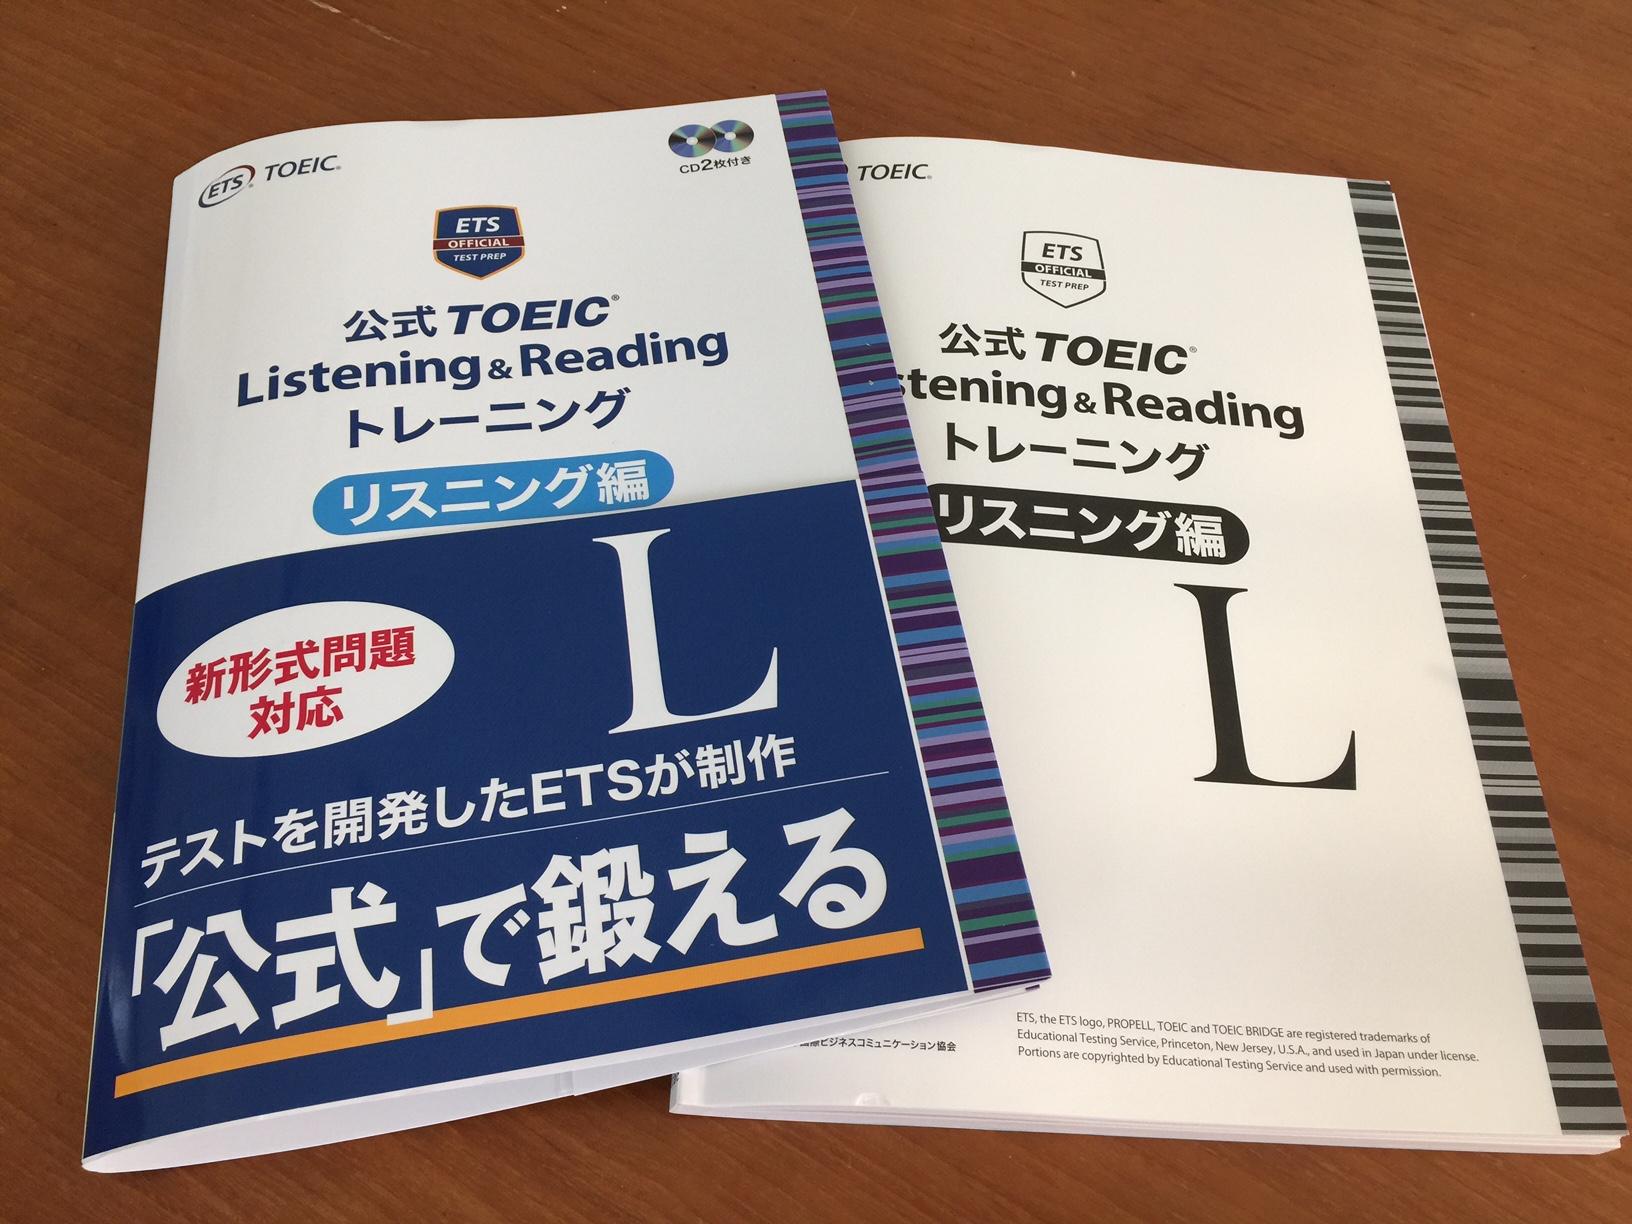 「公式 TOEIC Listening & Reading トレーニング リスニング編」の感想・レビュー ③